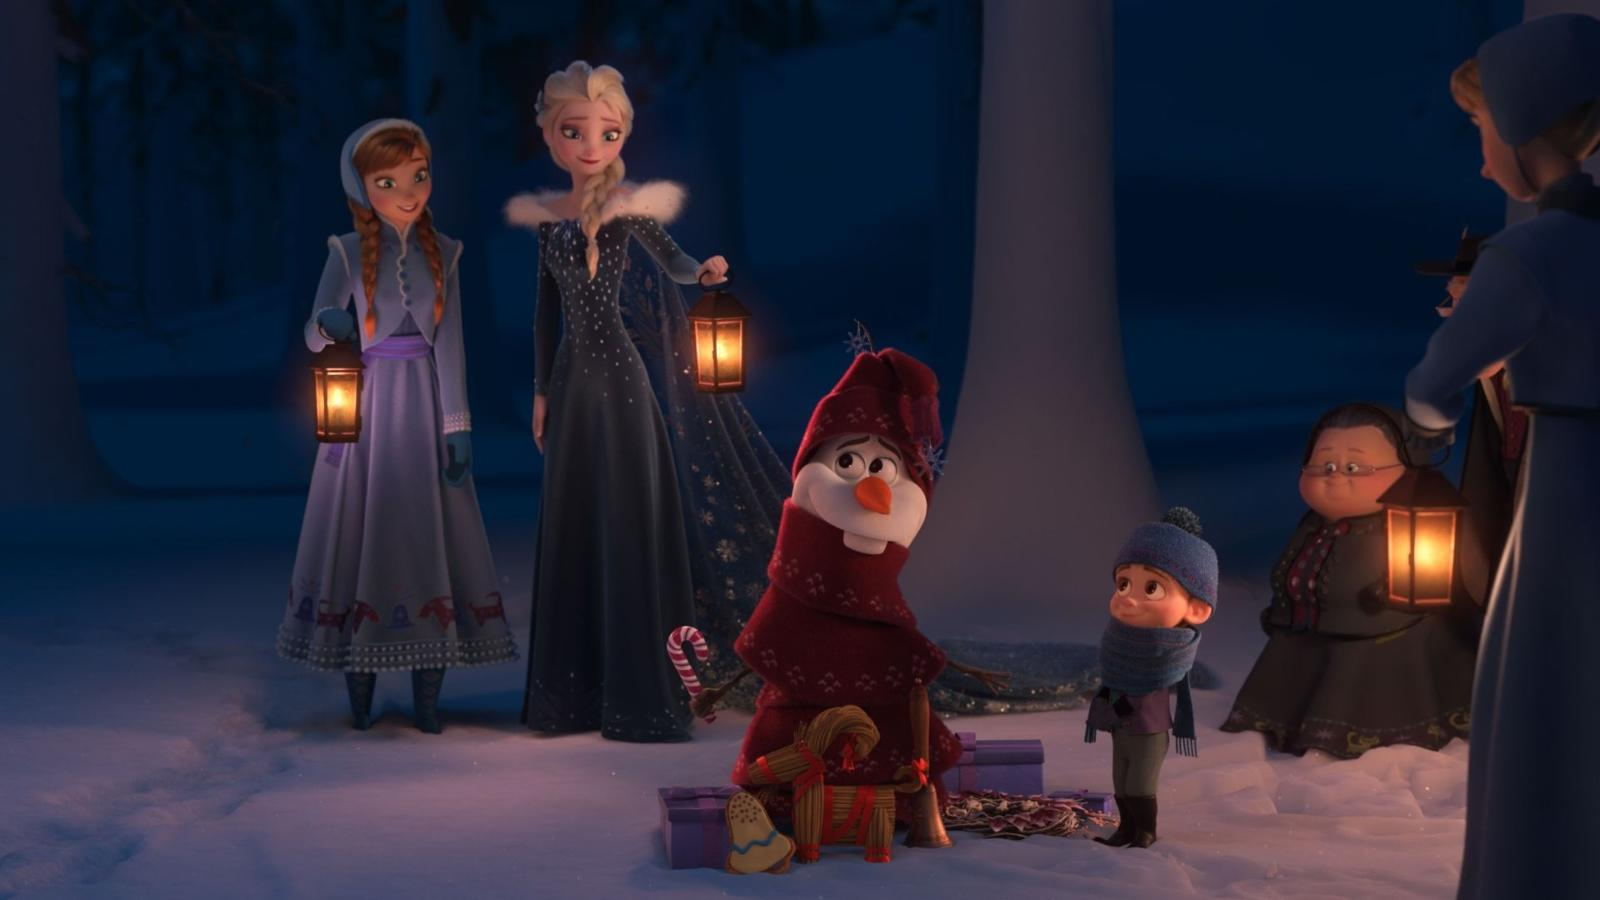 """Az eredetileg jéghideg szívű hercegnő karaktere gonosz, ám Elsa egy igen összetett személyiség, aki végül """"hőssé"""" válik a Disney 2013-as feldolgozásában. Óvatosnak és kiegyensúlyozottnak tűnik, mégis folyamatos félelemben él a képességeit és a személyiségét illetően. (Walt Disney Studios/Kobal/Shutterstock)"""